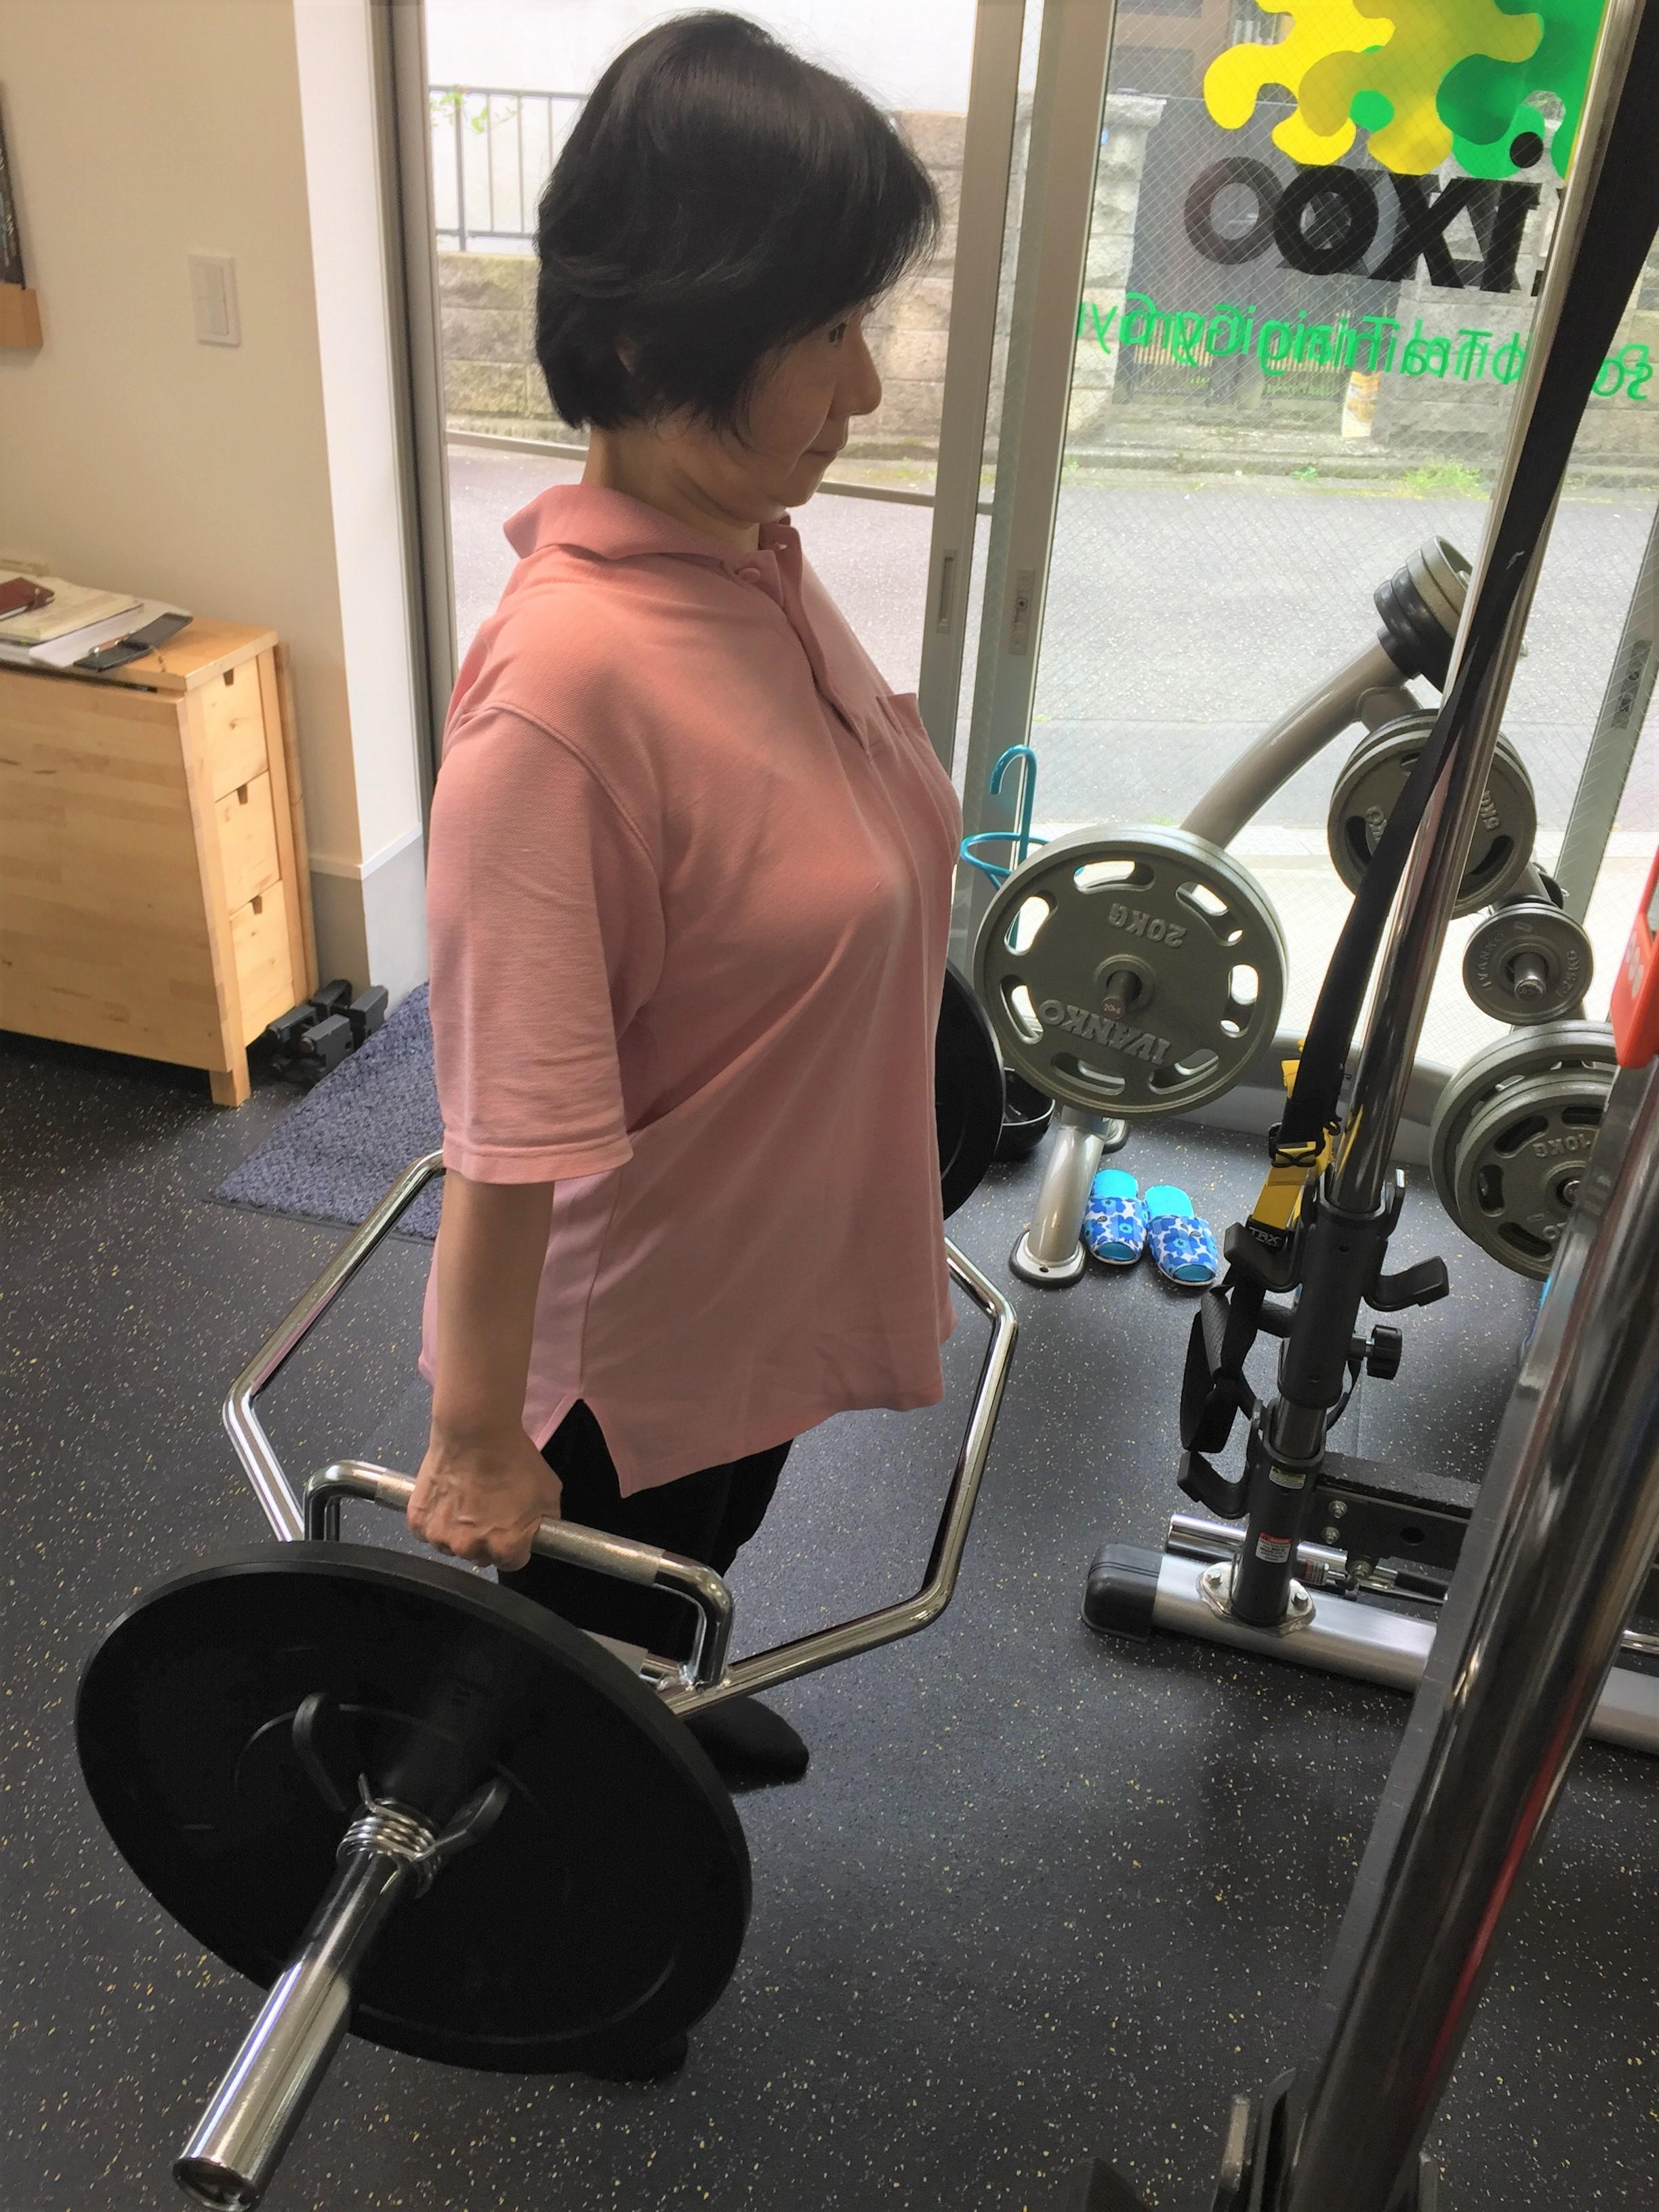 リハビリで健康な人と同じ筋肉量を取り戻した私が伝えたい「変形性股関節症のリハビリに関する話」